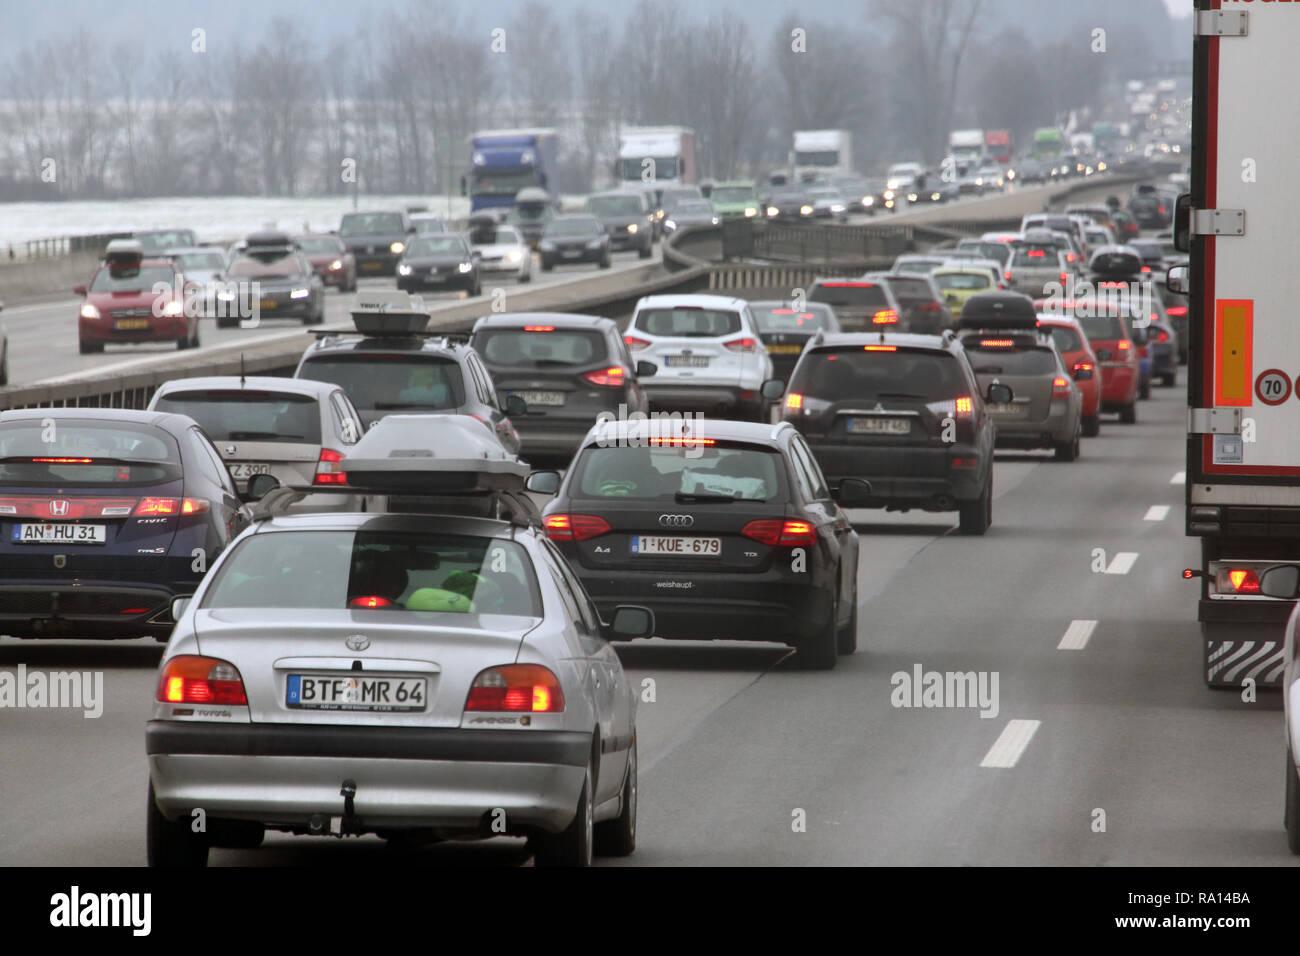 10.02.2018, Bayern, Holzkirchen, Deutschland, hohes Verkehrsaufkommen auf der A8. 00S180210D103CARO.JPG [MODEL RELEASE: NOT APPLICABLE, PROPERTY RELEA Stock Photo